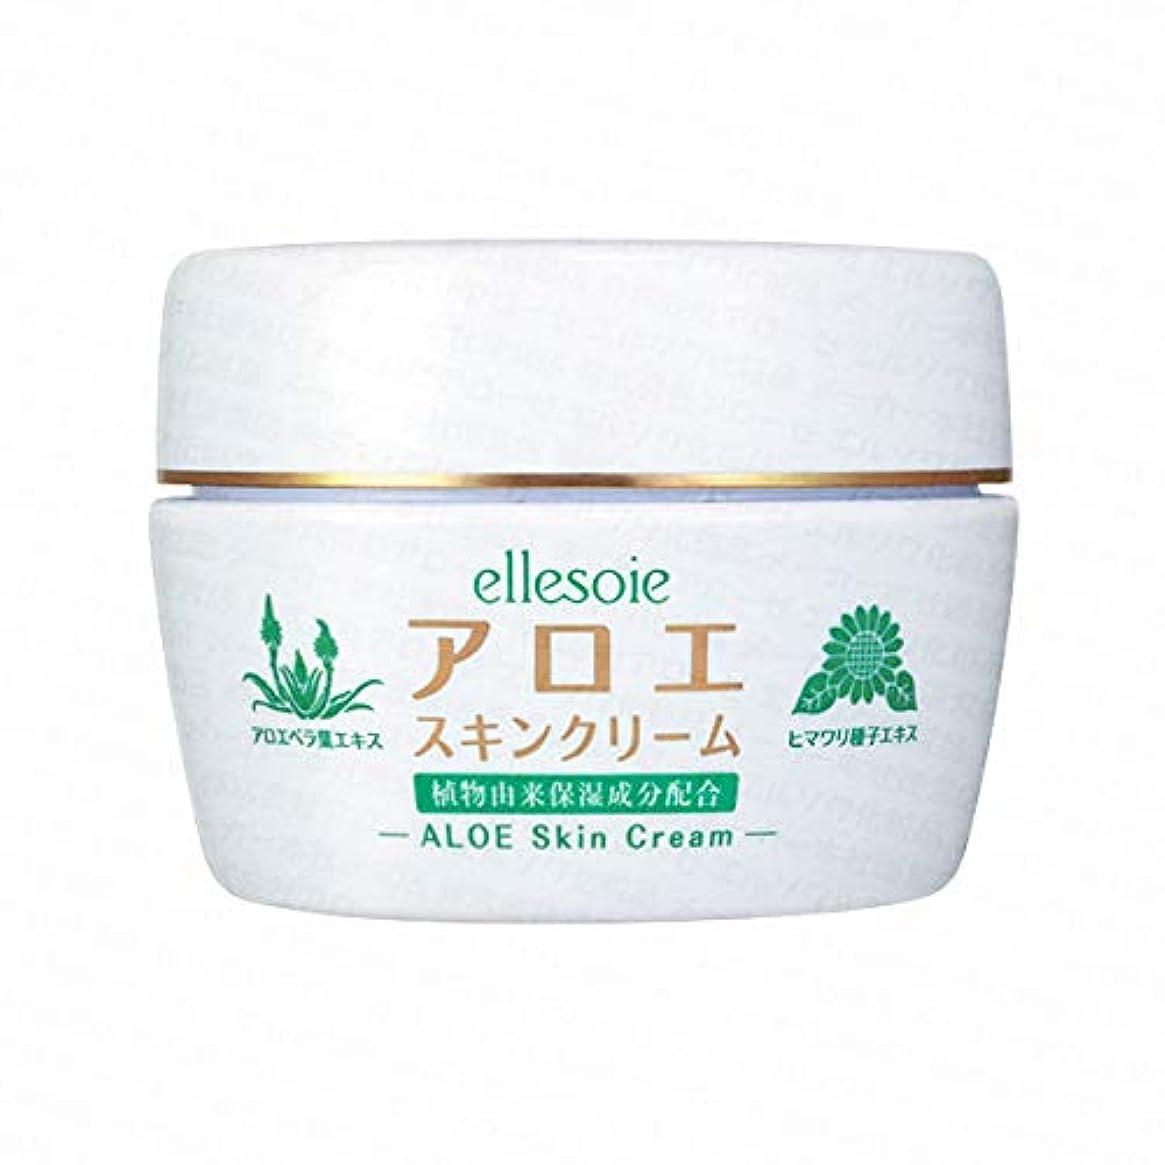 生むビール精神的にエルソワ化粧品(ellesoie) アロエスキンクリーム 本体210g ボディ用保湿クリーム